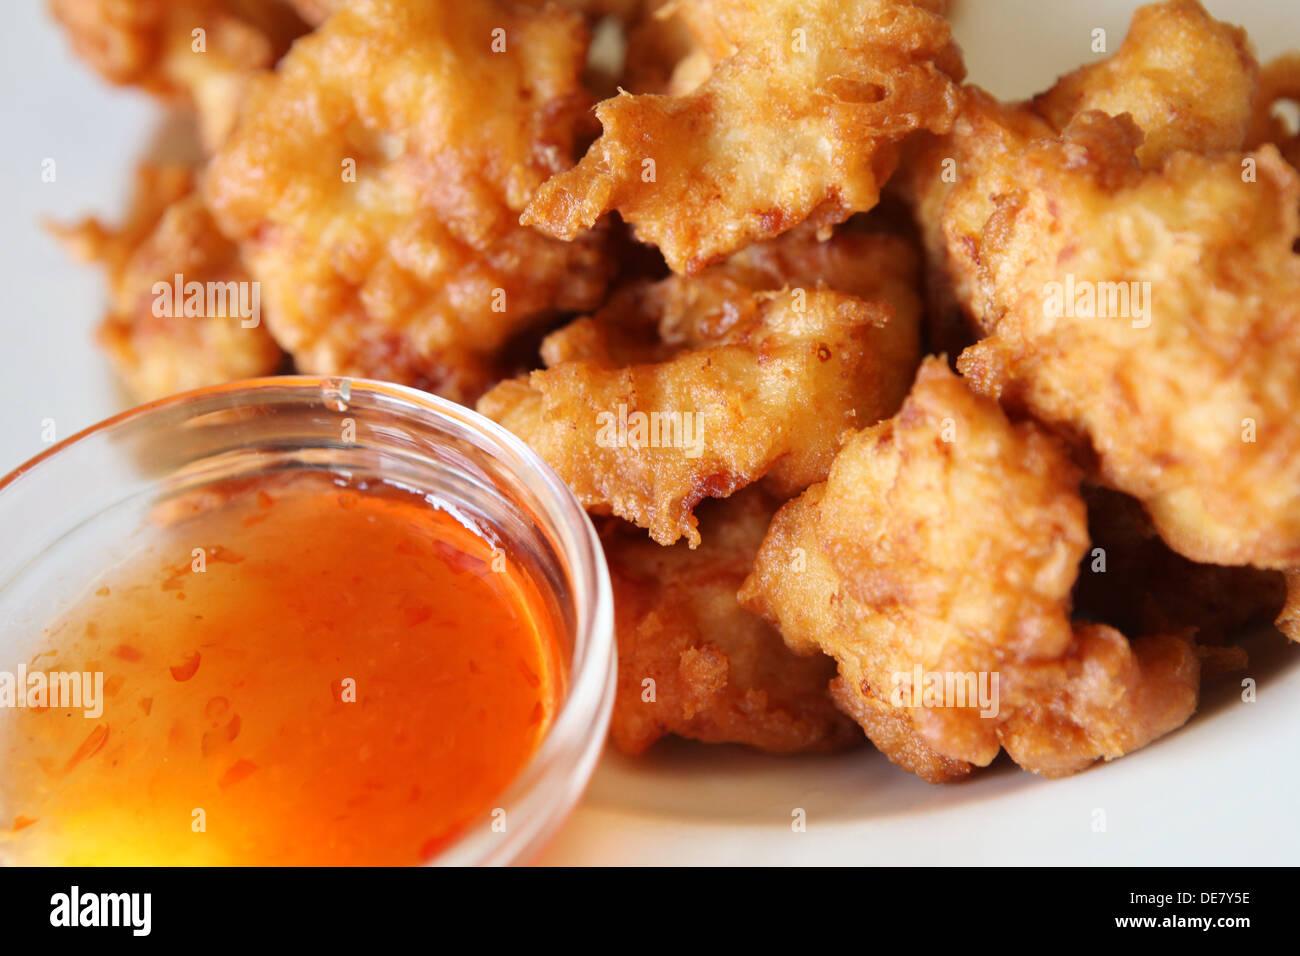 Nuggets de poulet pané frit avec des frites Photo Stock